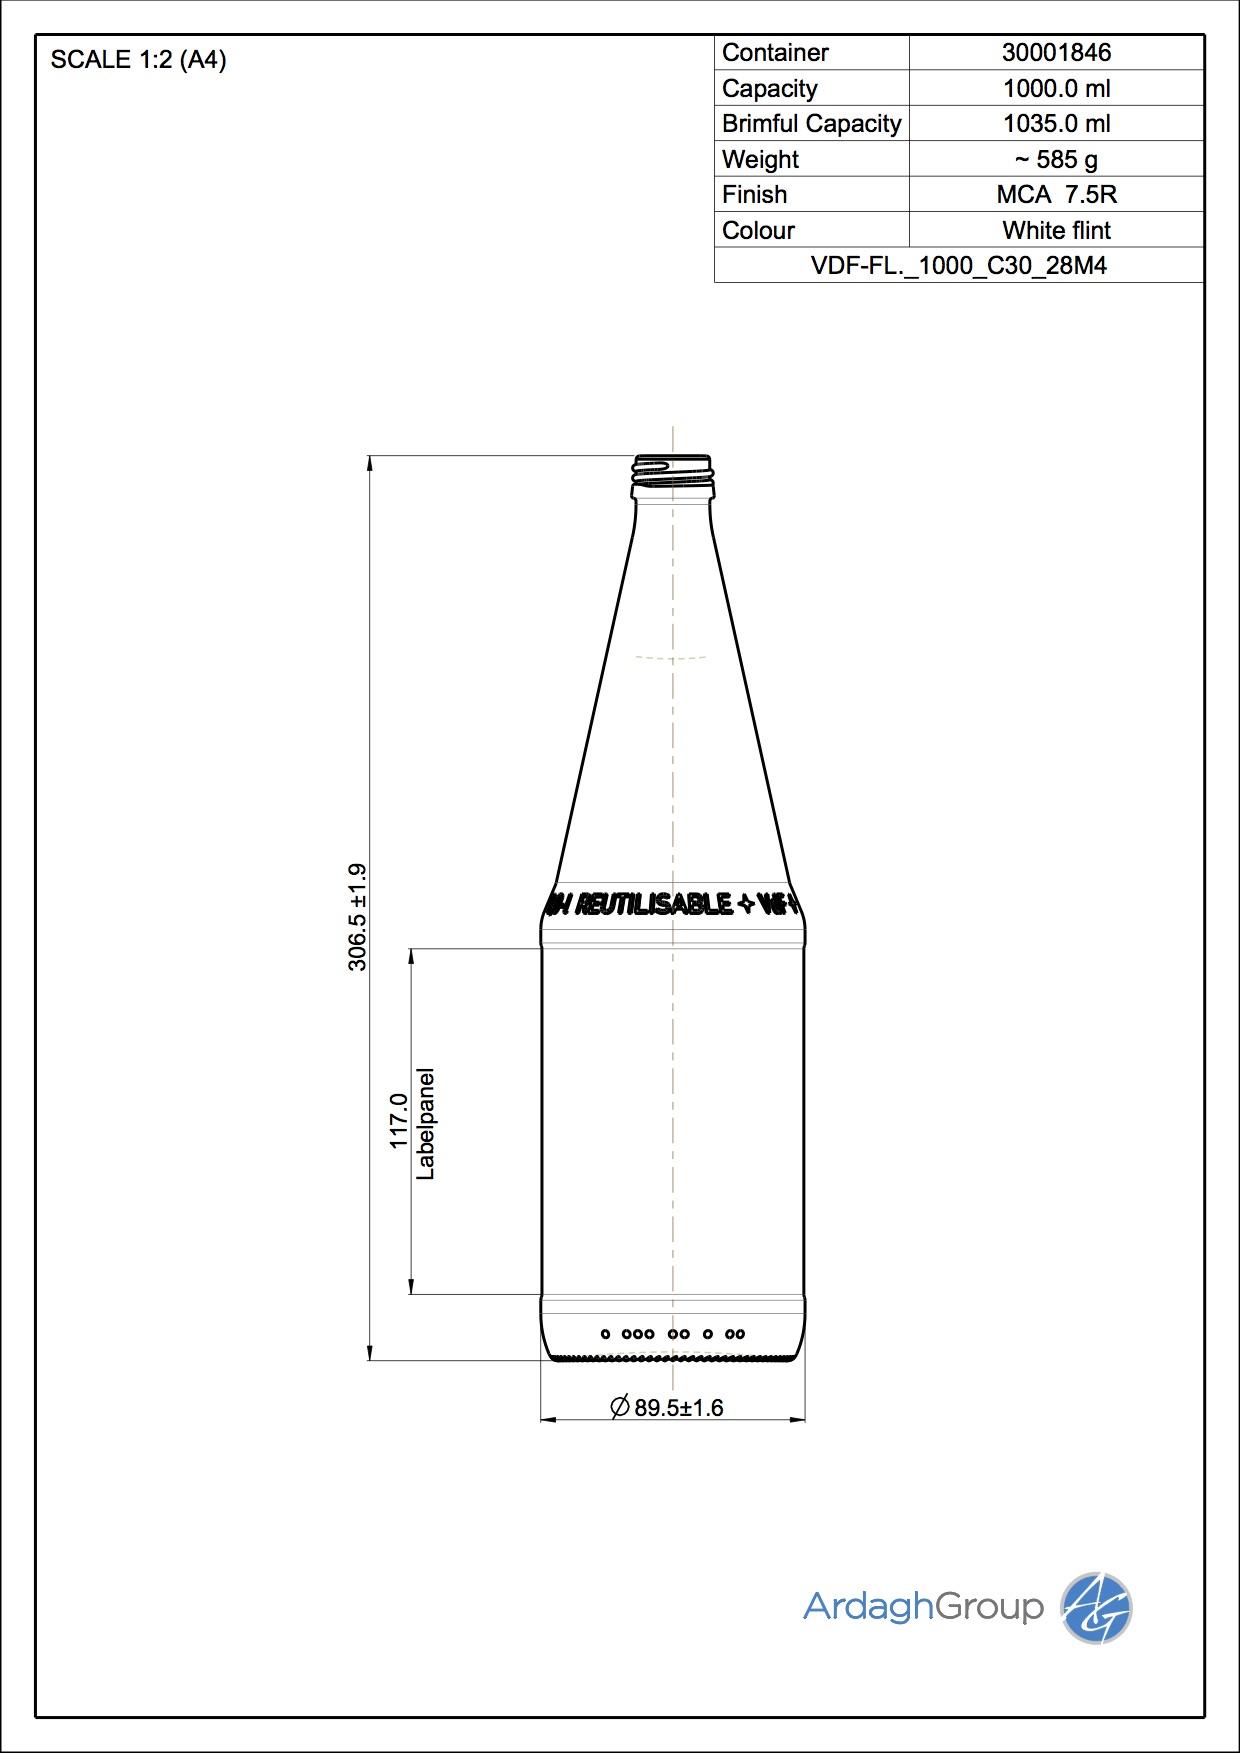 VDF-FL. 1000 C30 28M4